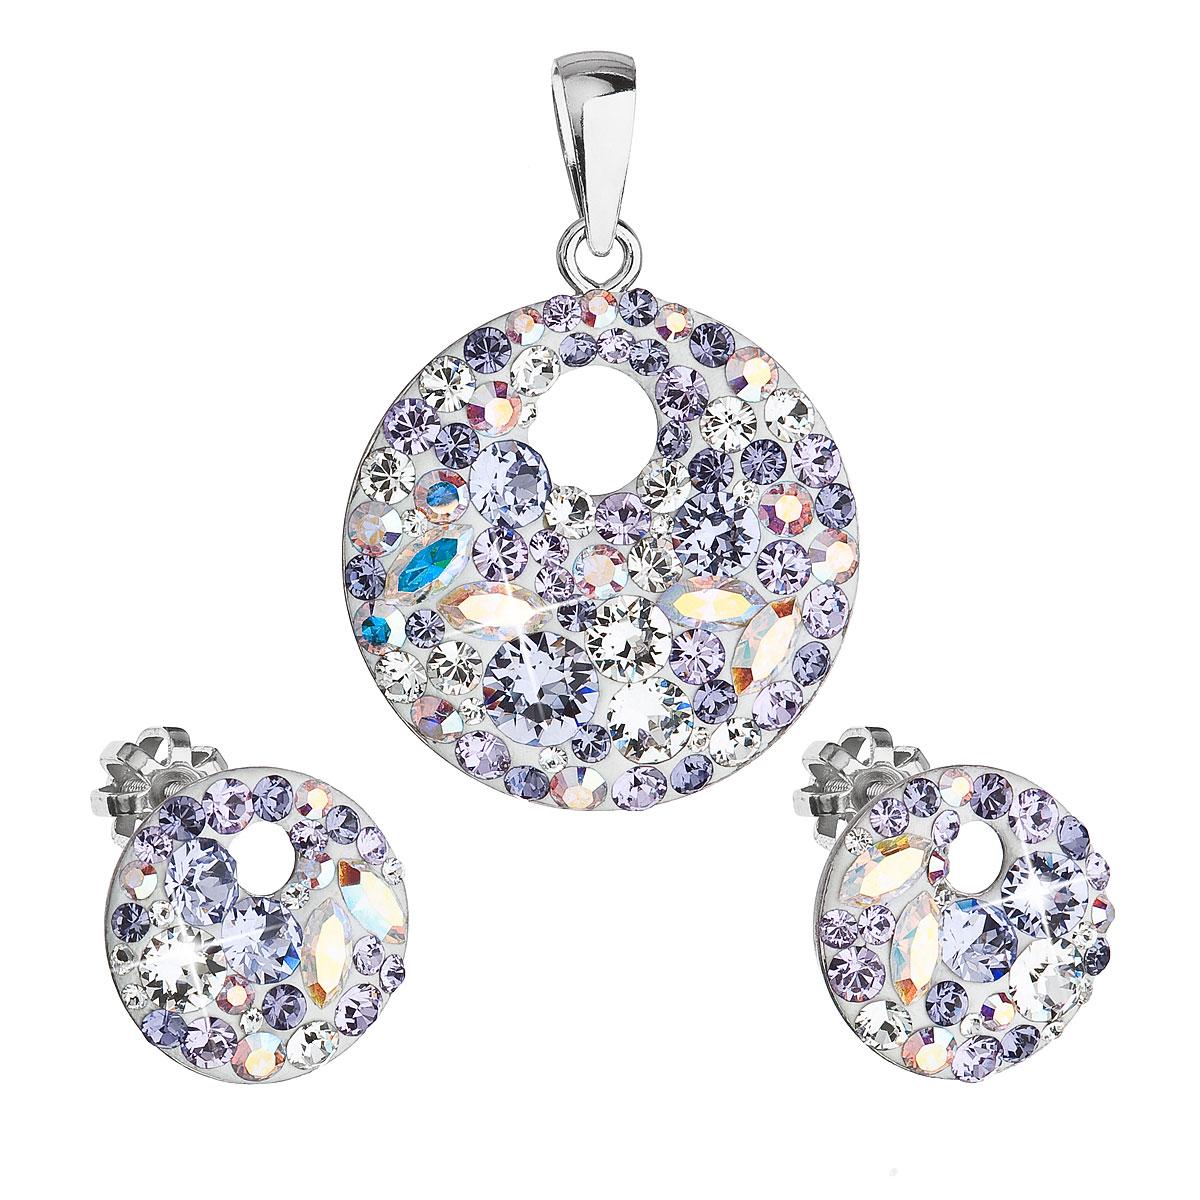 Sada šperkov s kryštálmi Swarovski náušnice a prívesok fialové guľaté 39148.3 violet